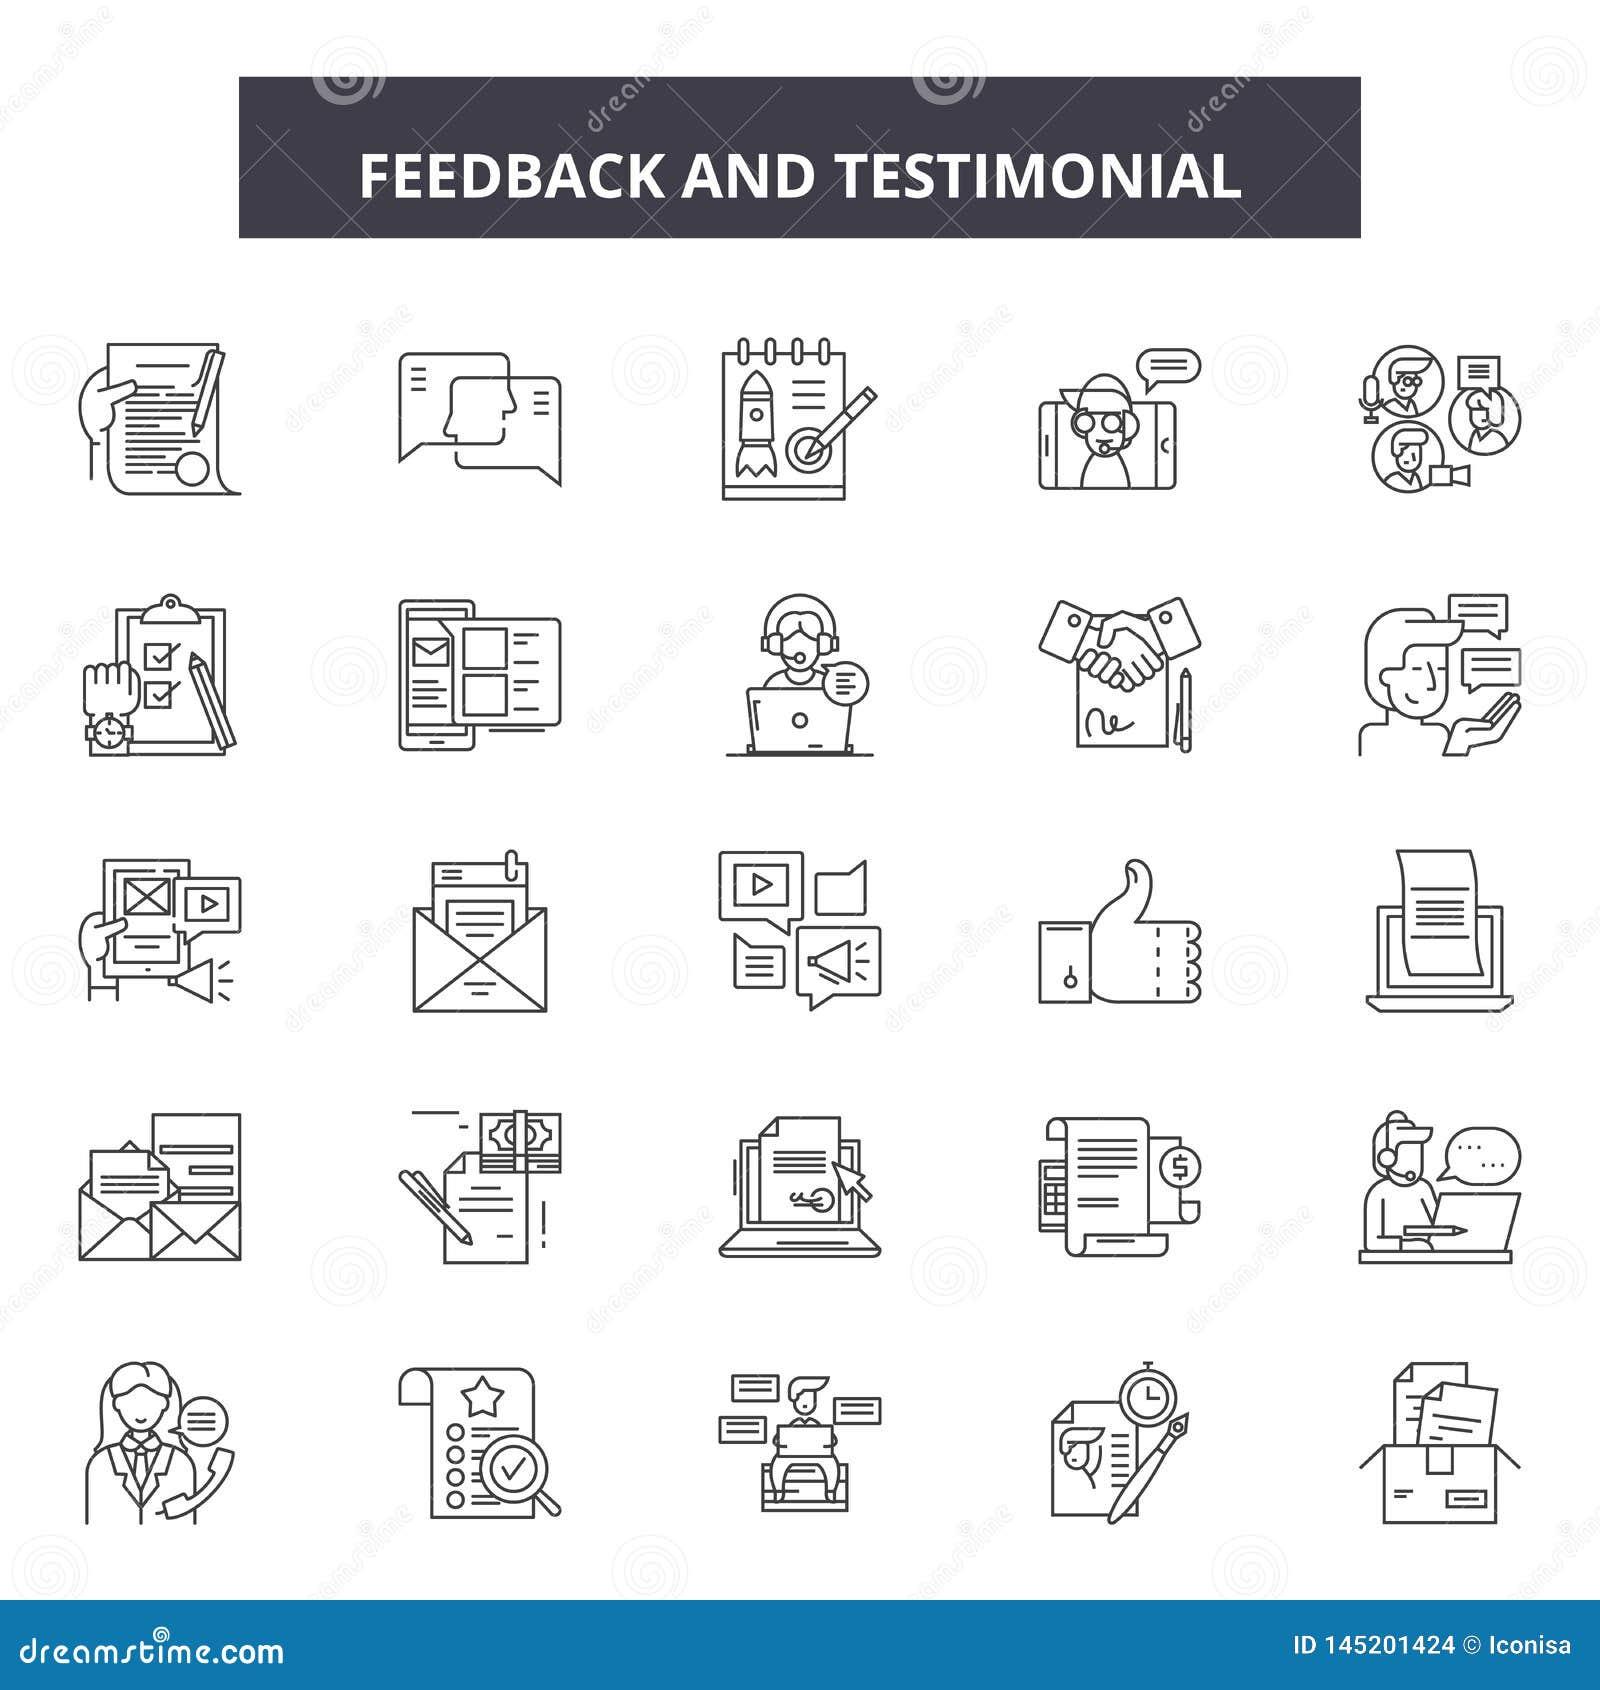 Feedbackhuldigungslinie Ikonen, Zeichen, Vektorsatz, Entwurfsillustrationskonzept